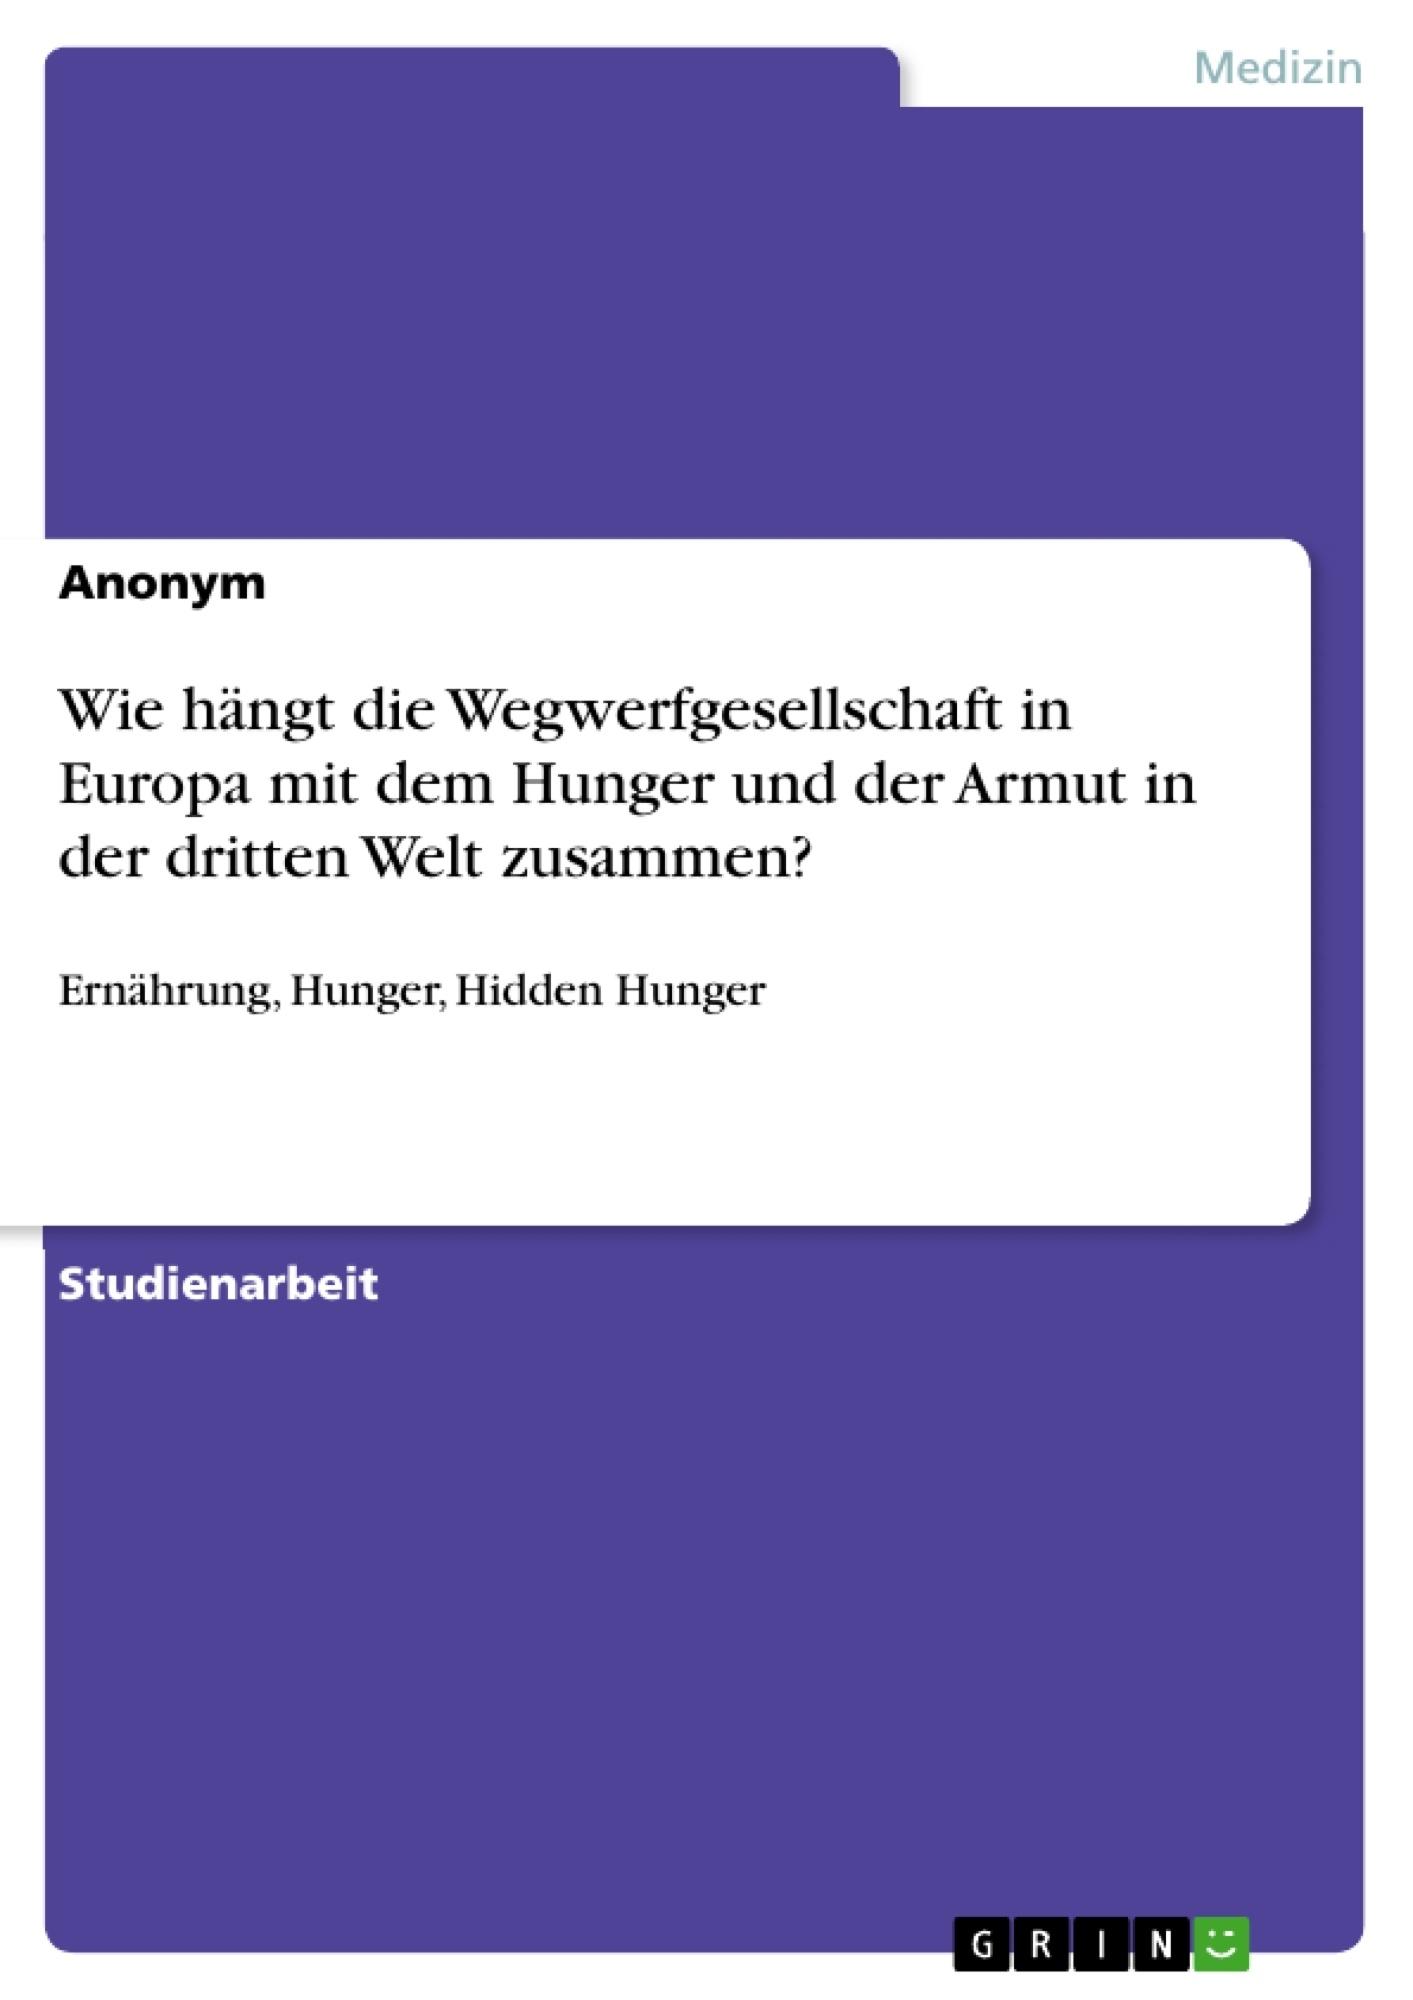 Titel: Wie hängt die Wegwerfgesellschaft in Europa mit dem Hunger und der Armut in der dritten Welt zusammen?